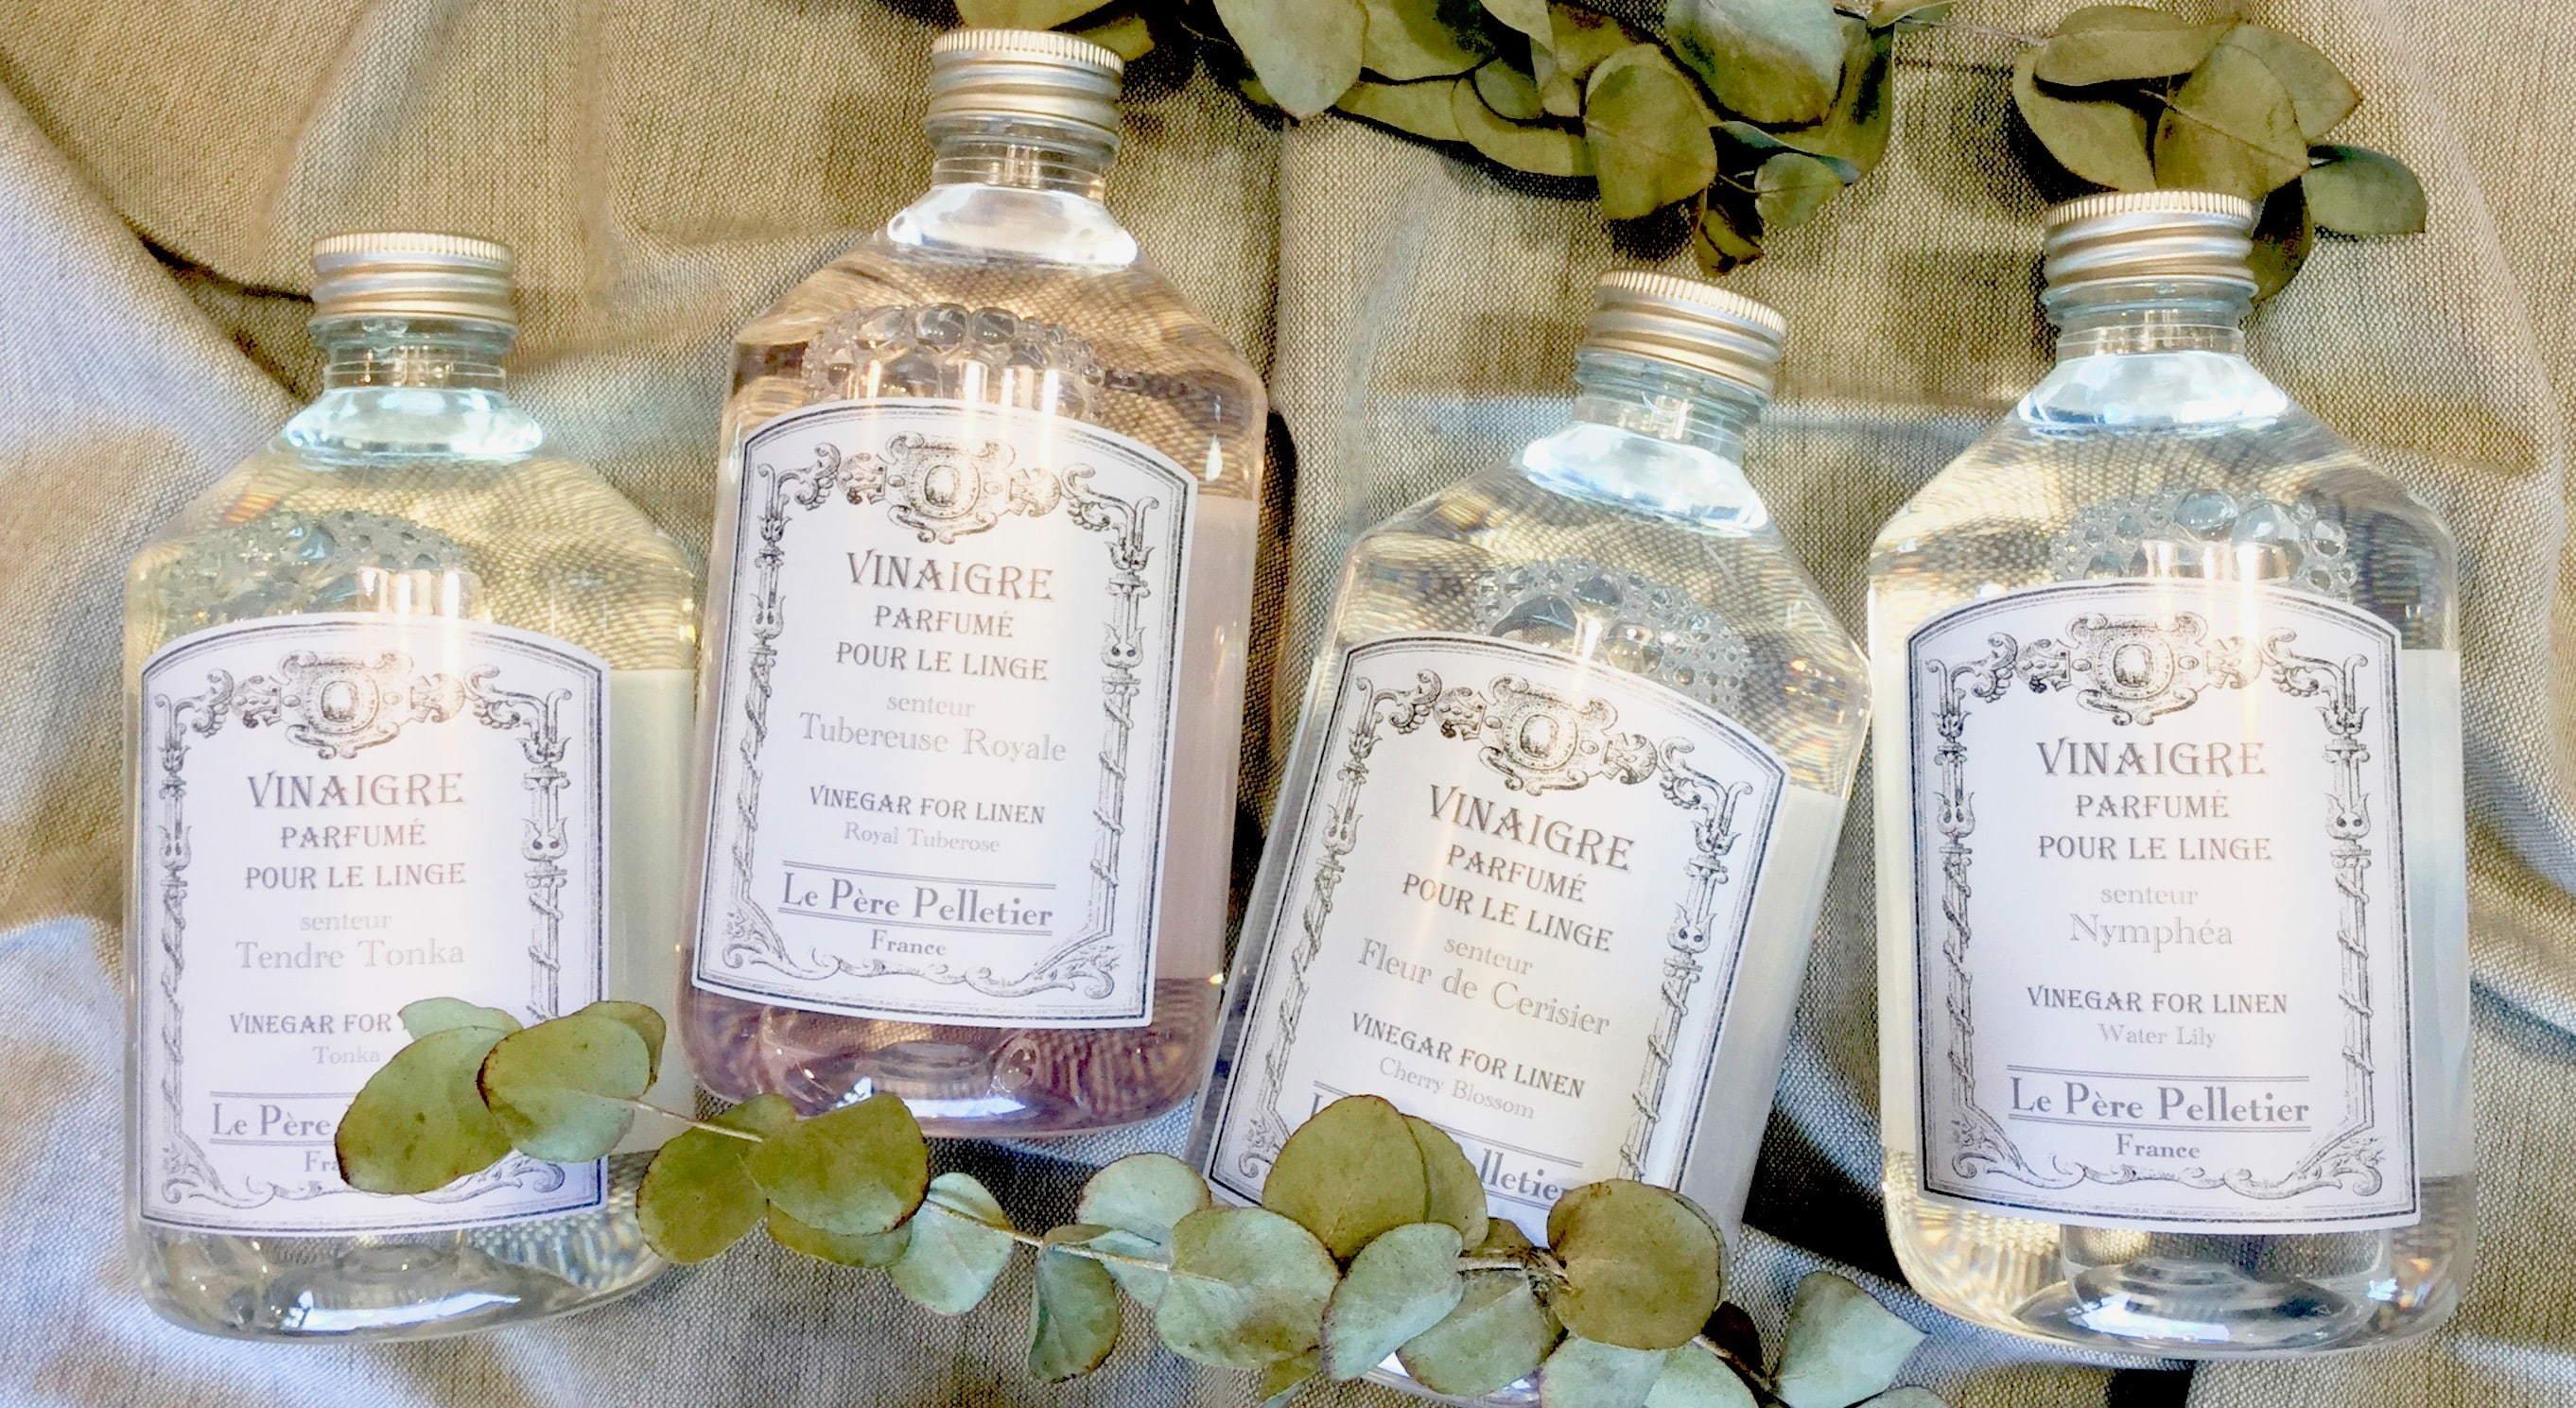 Pyykkietikan tuoksut - Suuri Tuoksuanalyysi